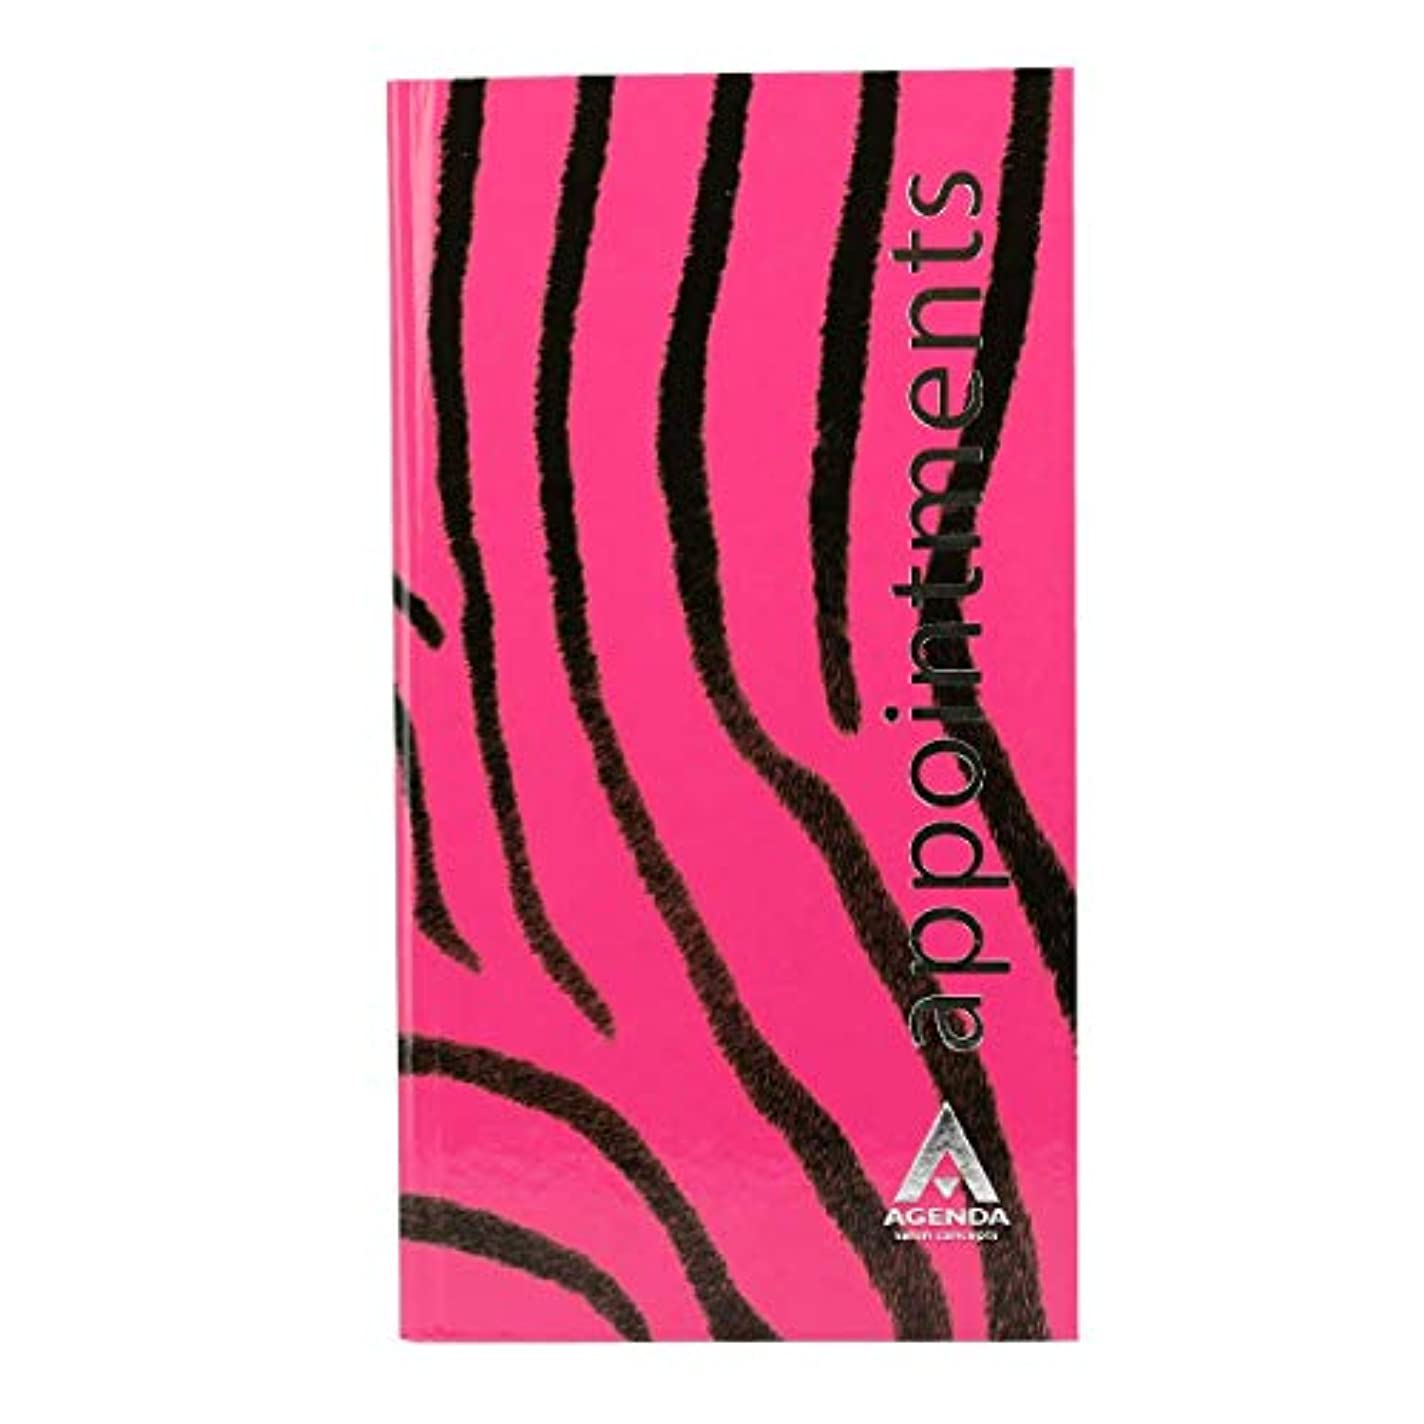 朝の体操をする落ち着く等アジェンダ サロンコンセプト 美容アポイントメントブック3アシスタントピンクゼブラ[海外直送品] [並行輸入品]